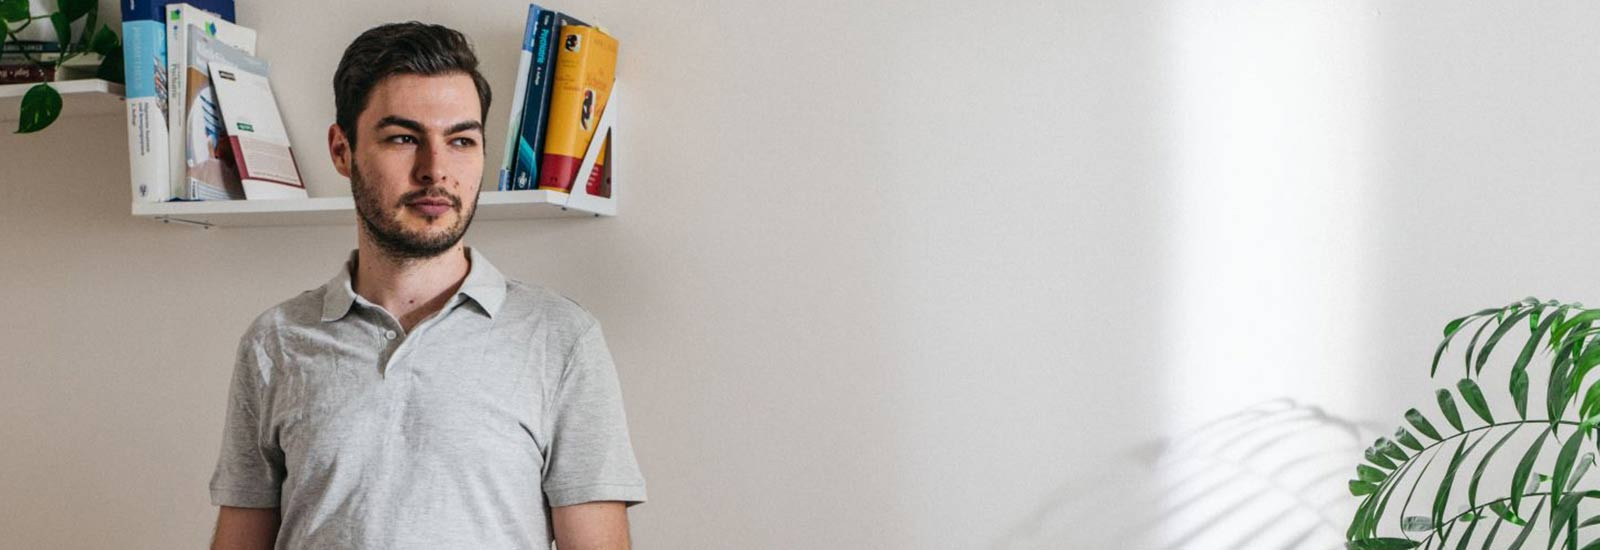 Junger Mann vor Bücherregal